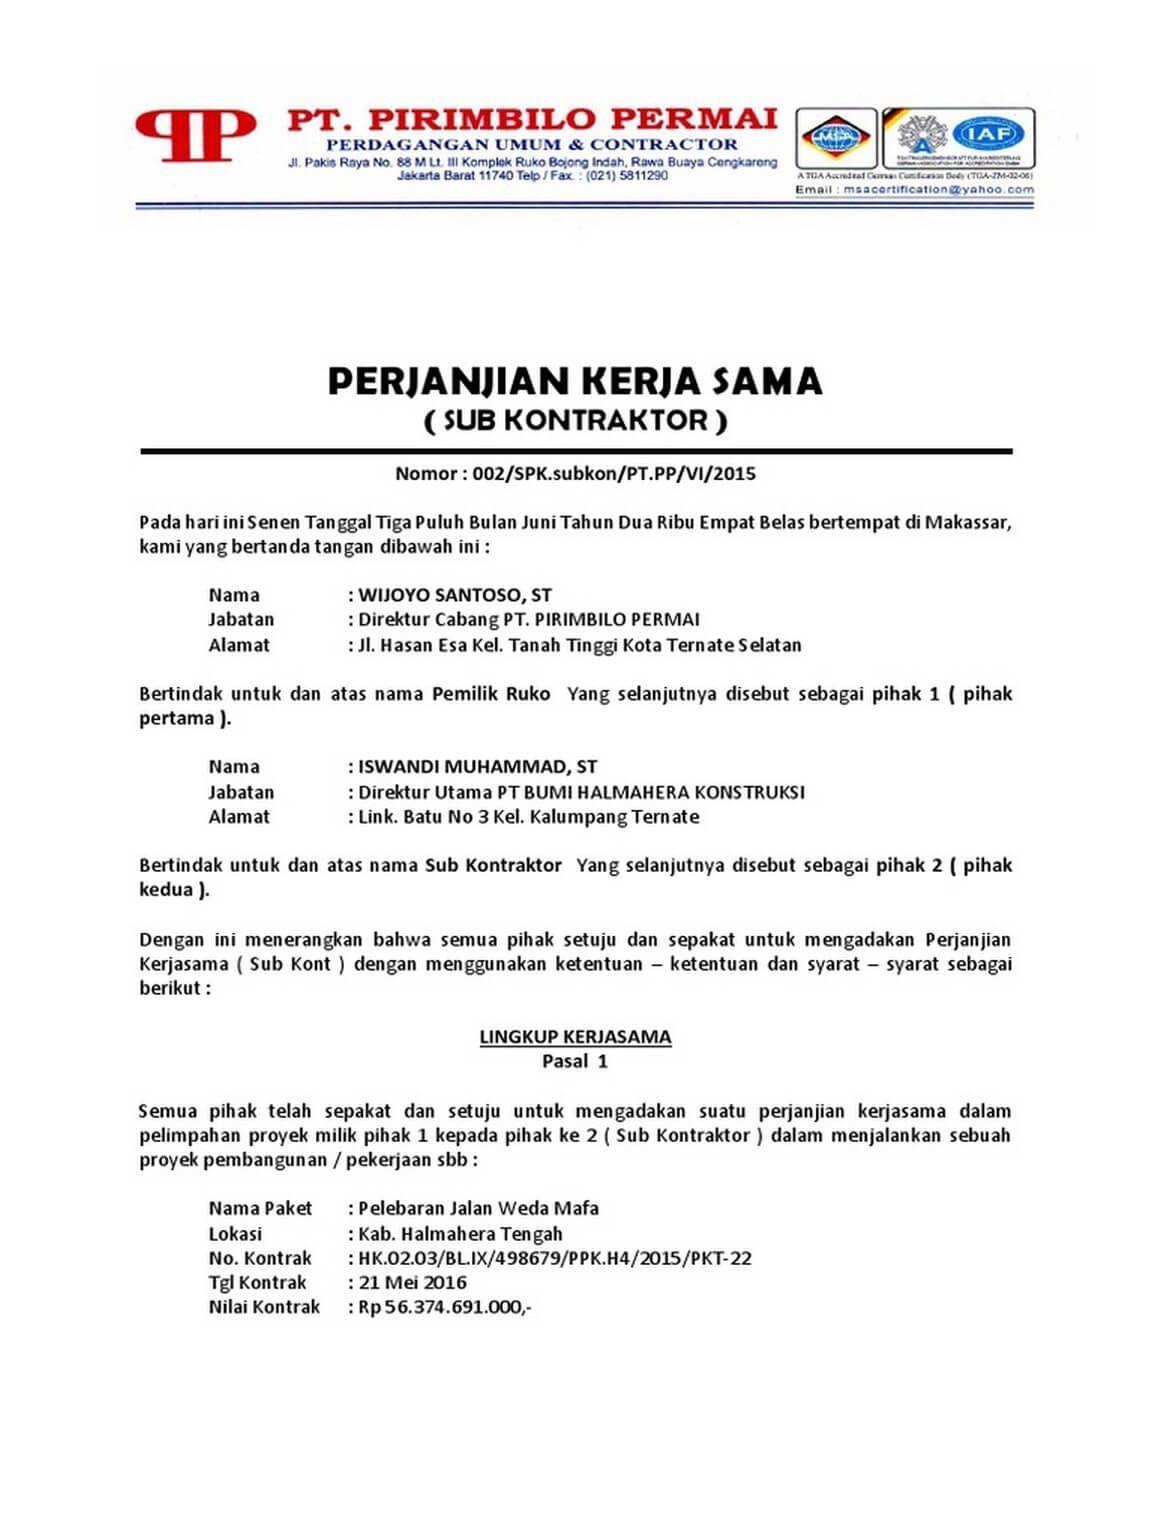 Contoh Surat Pernyataan Sepakat Cerai Download Kumpulan Gambar